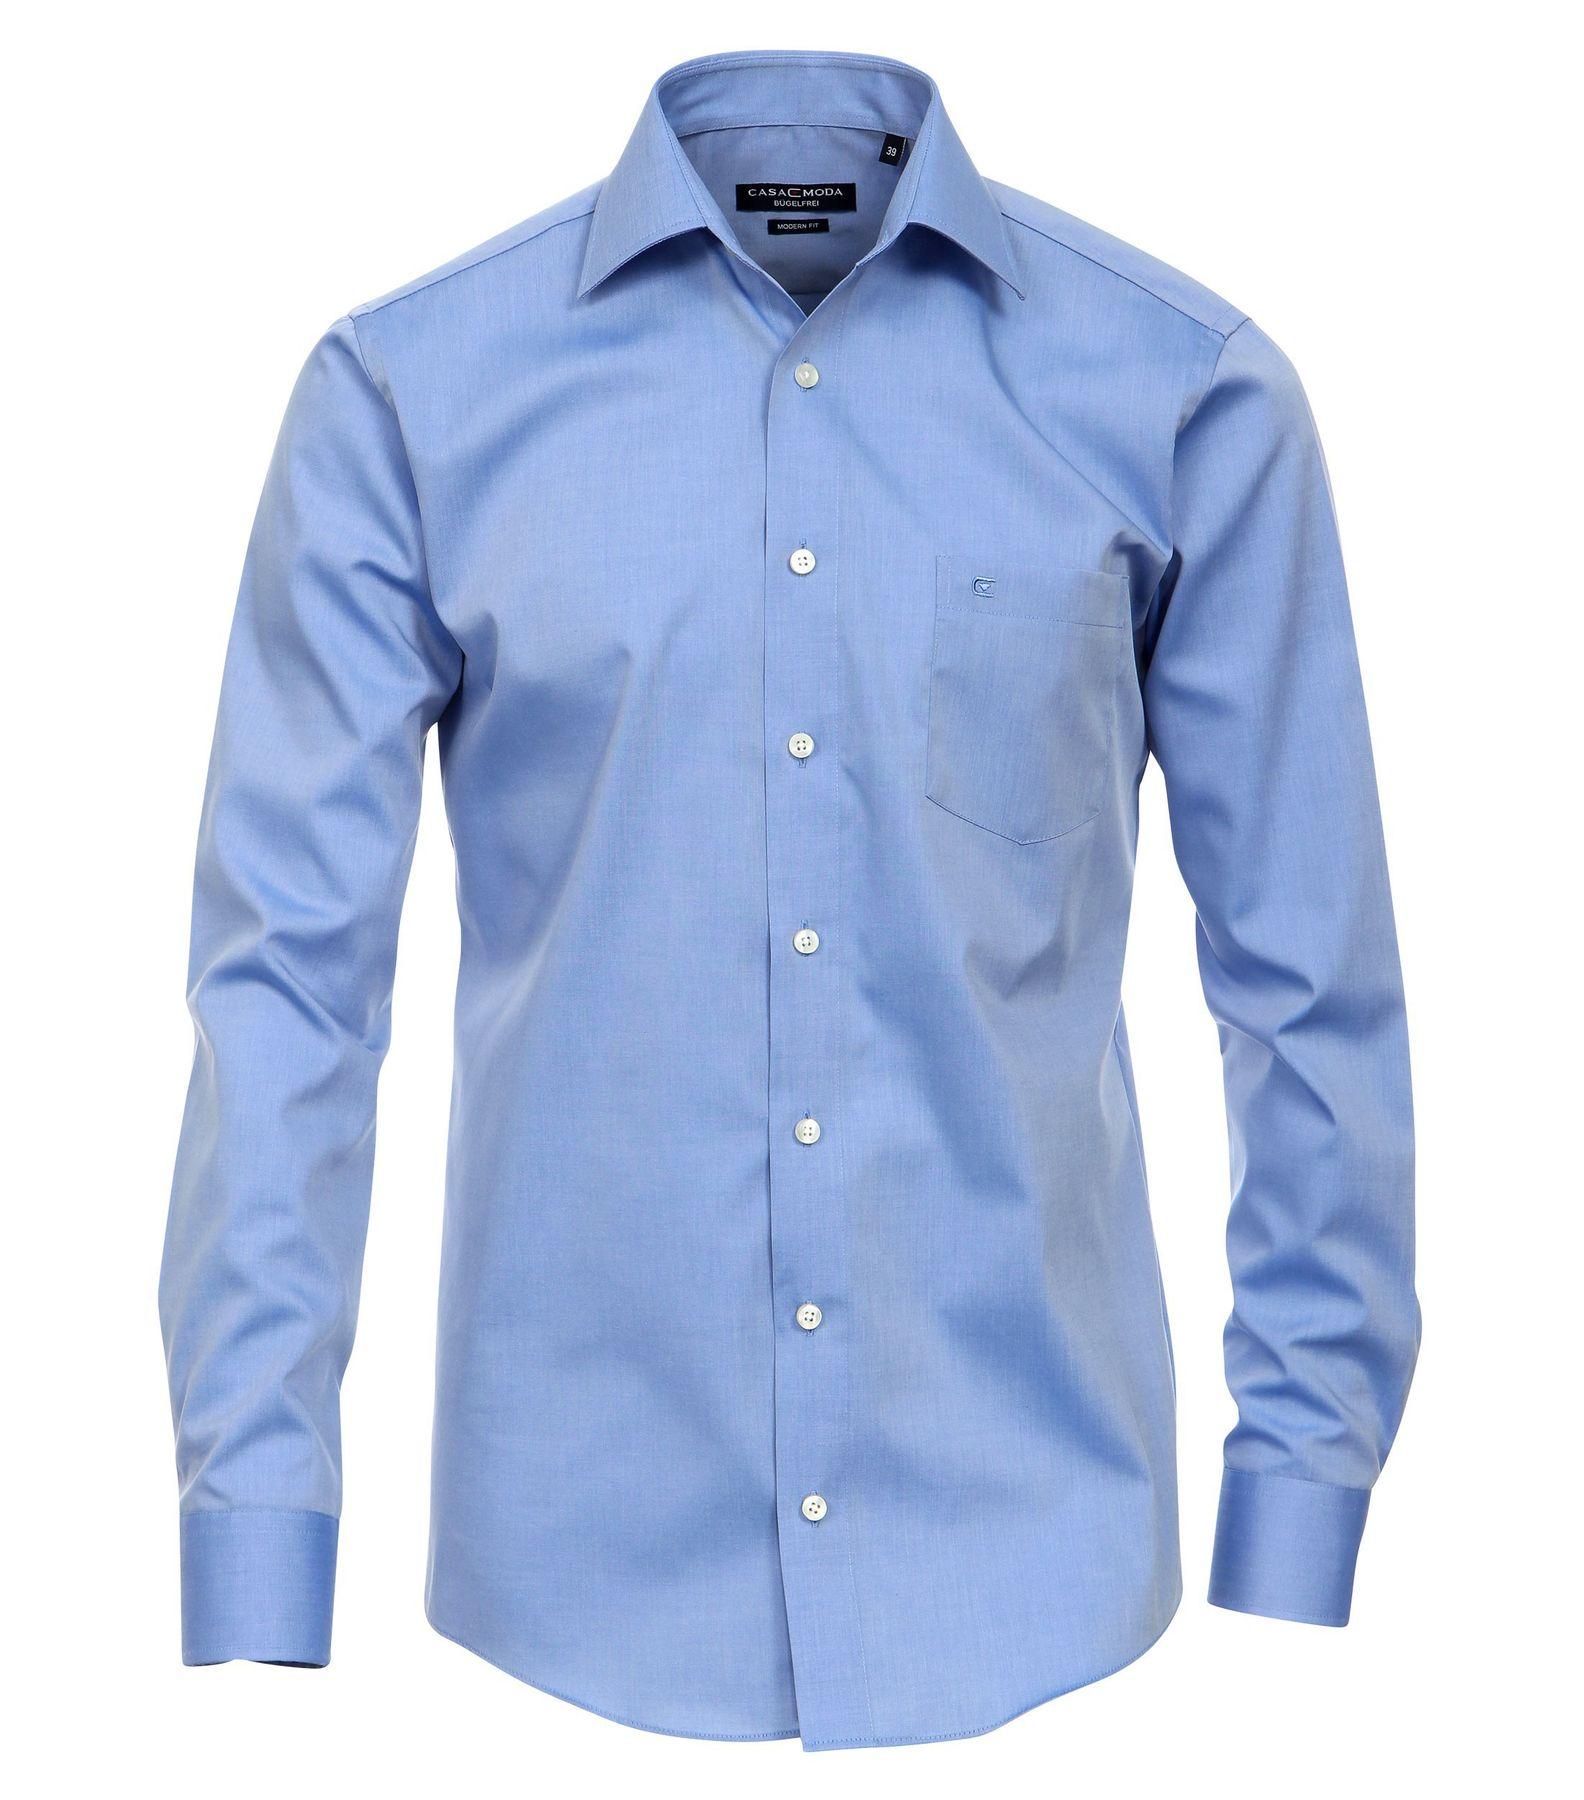 Casa Moda - Modern Fit - Bügelfreies Herren Business Hemd mit Extra langem Arm (72cm) in verschiedenen Farben (006562) – Bild 21